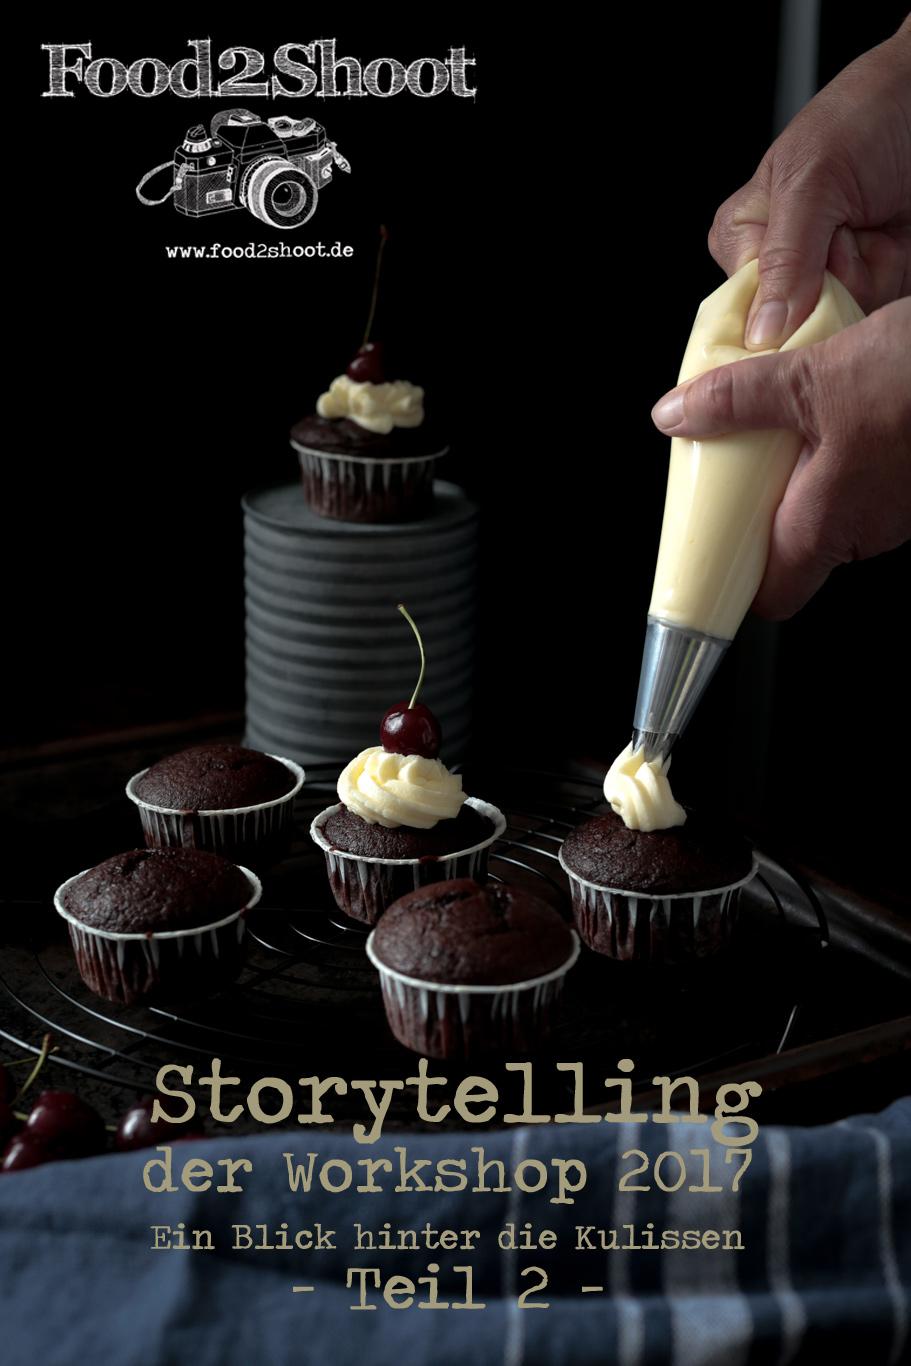 Storytelling – der Workshop 2017 … ein Blick hinter die Kulissen – Teil 2 –